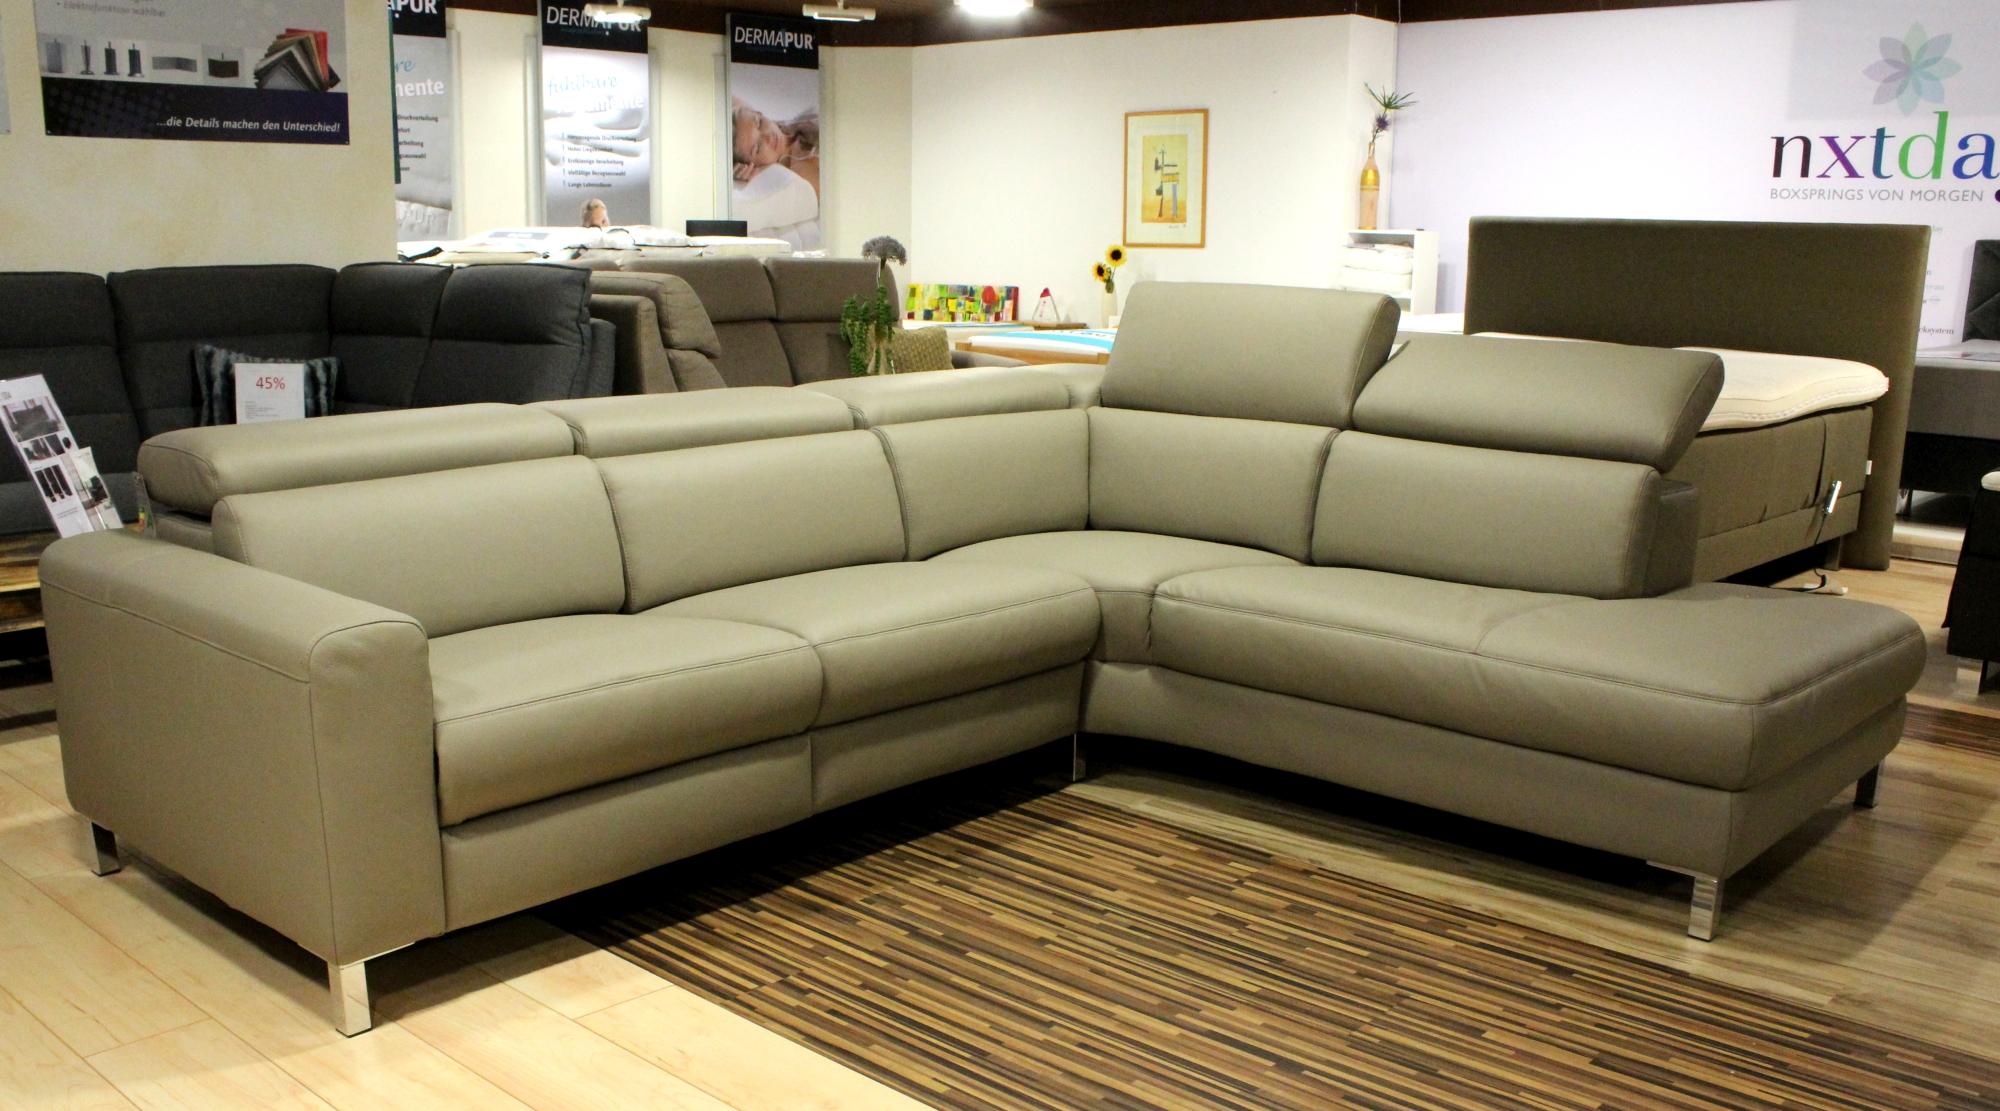 angebote a k schildge m bel k chen mode und mehr in r sselsheim. Black Bedroom Furniture Sets. Home Design Ideas